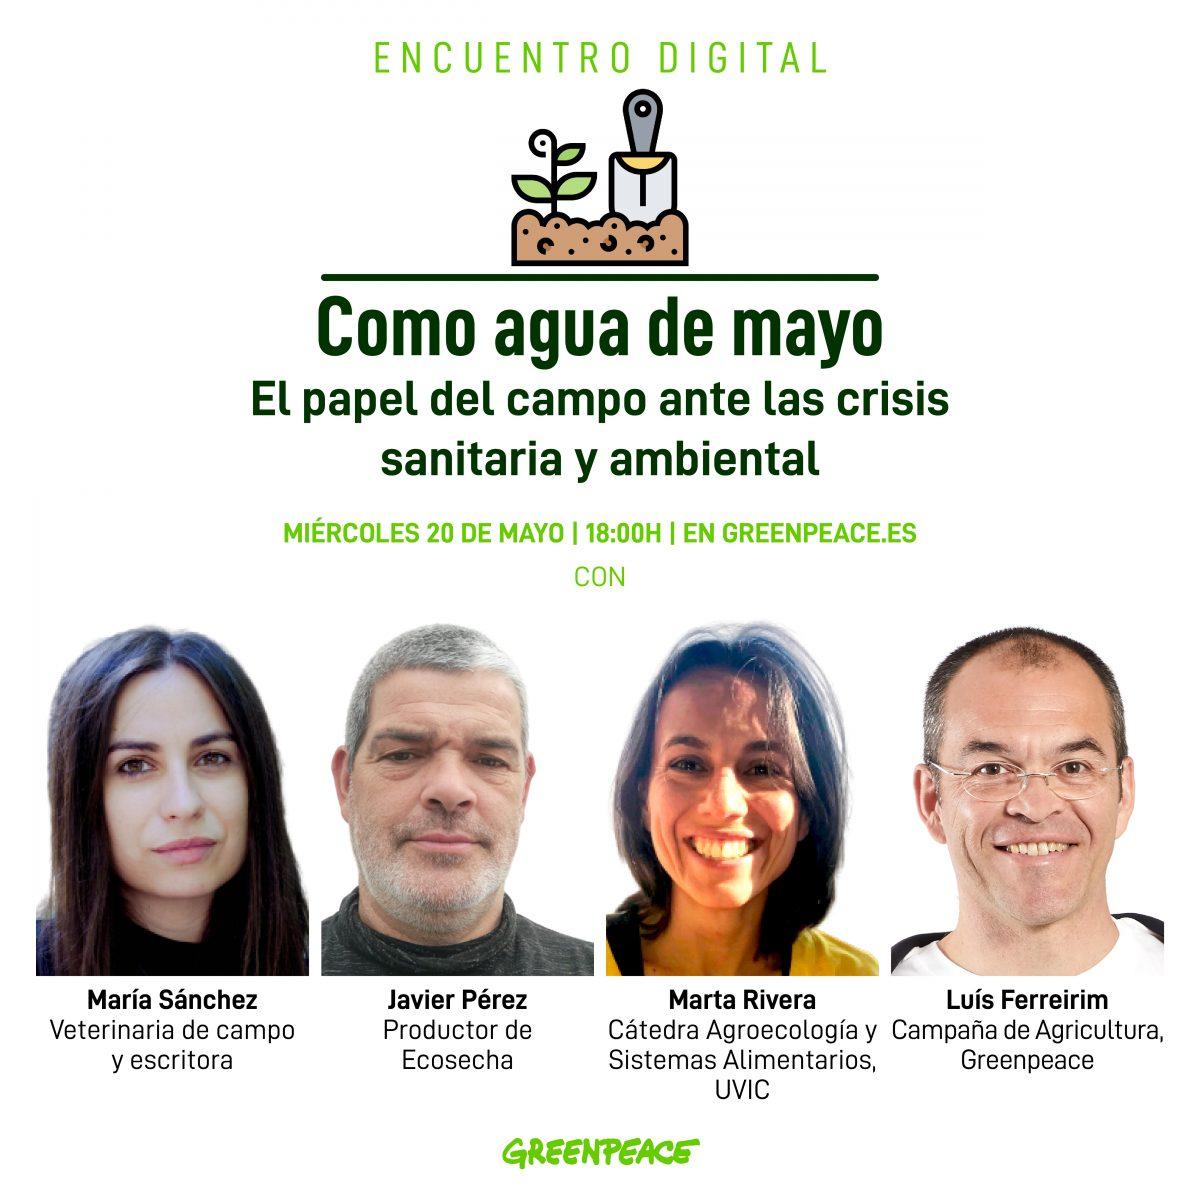 Encuentro digital: 'El papel del campo en las crisis sanitaria y ambiental', con Greenpeace